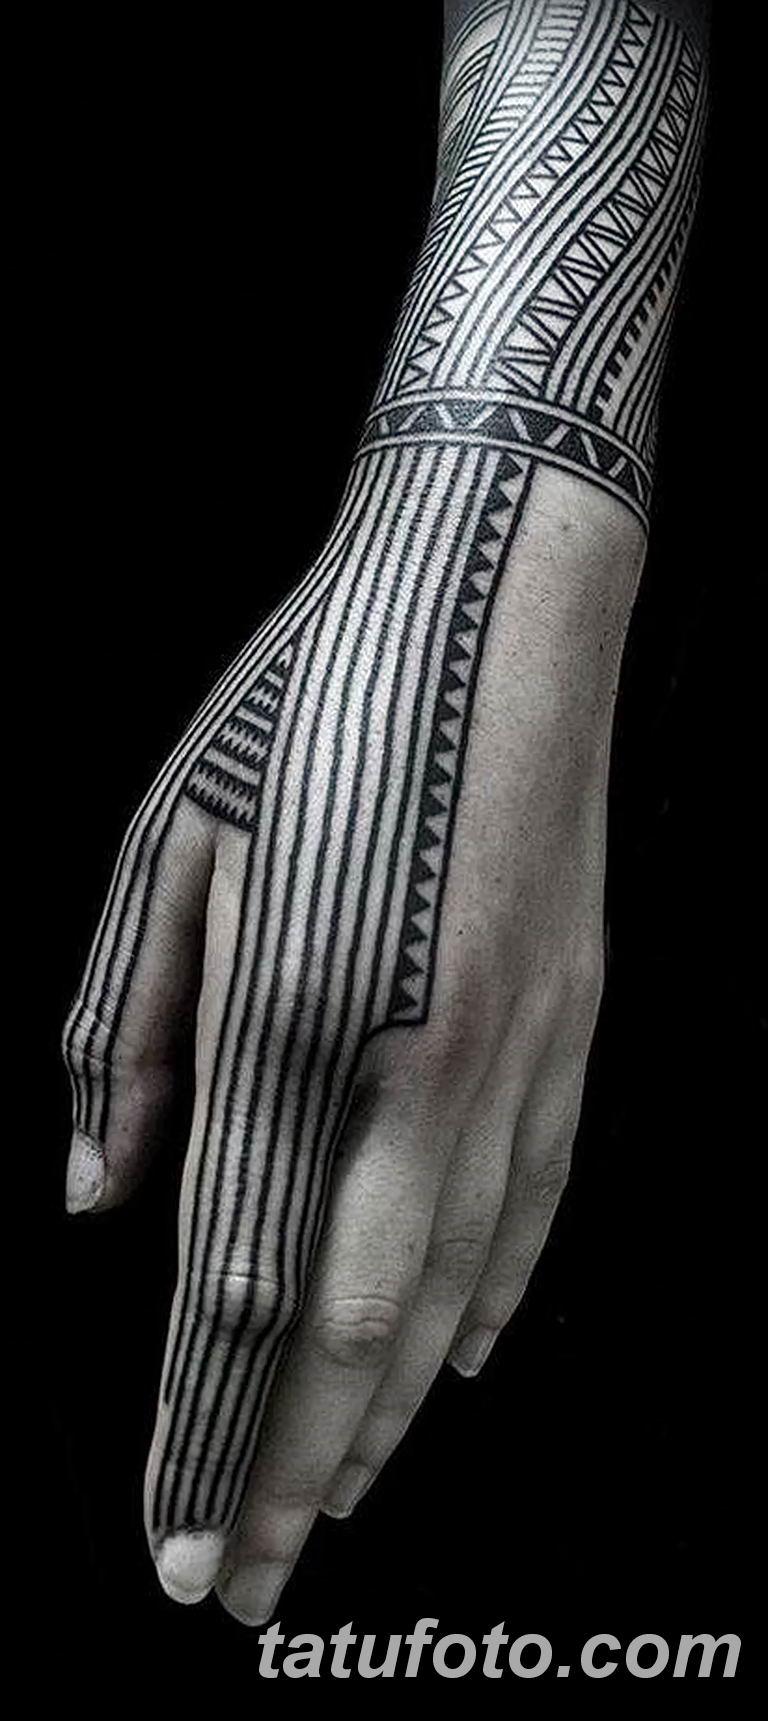 Фото тату орнамент на руке 10.07.2019 №010 - tattoo ornament on hand - tatufoto.com